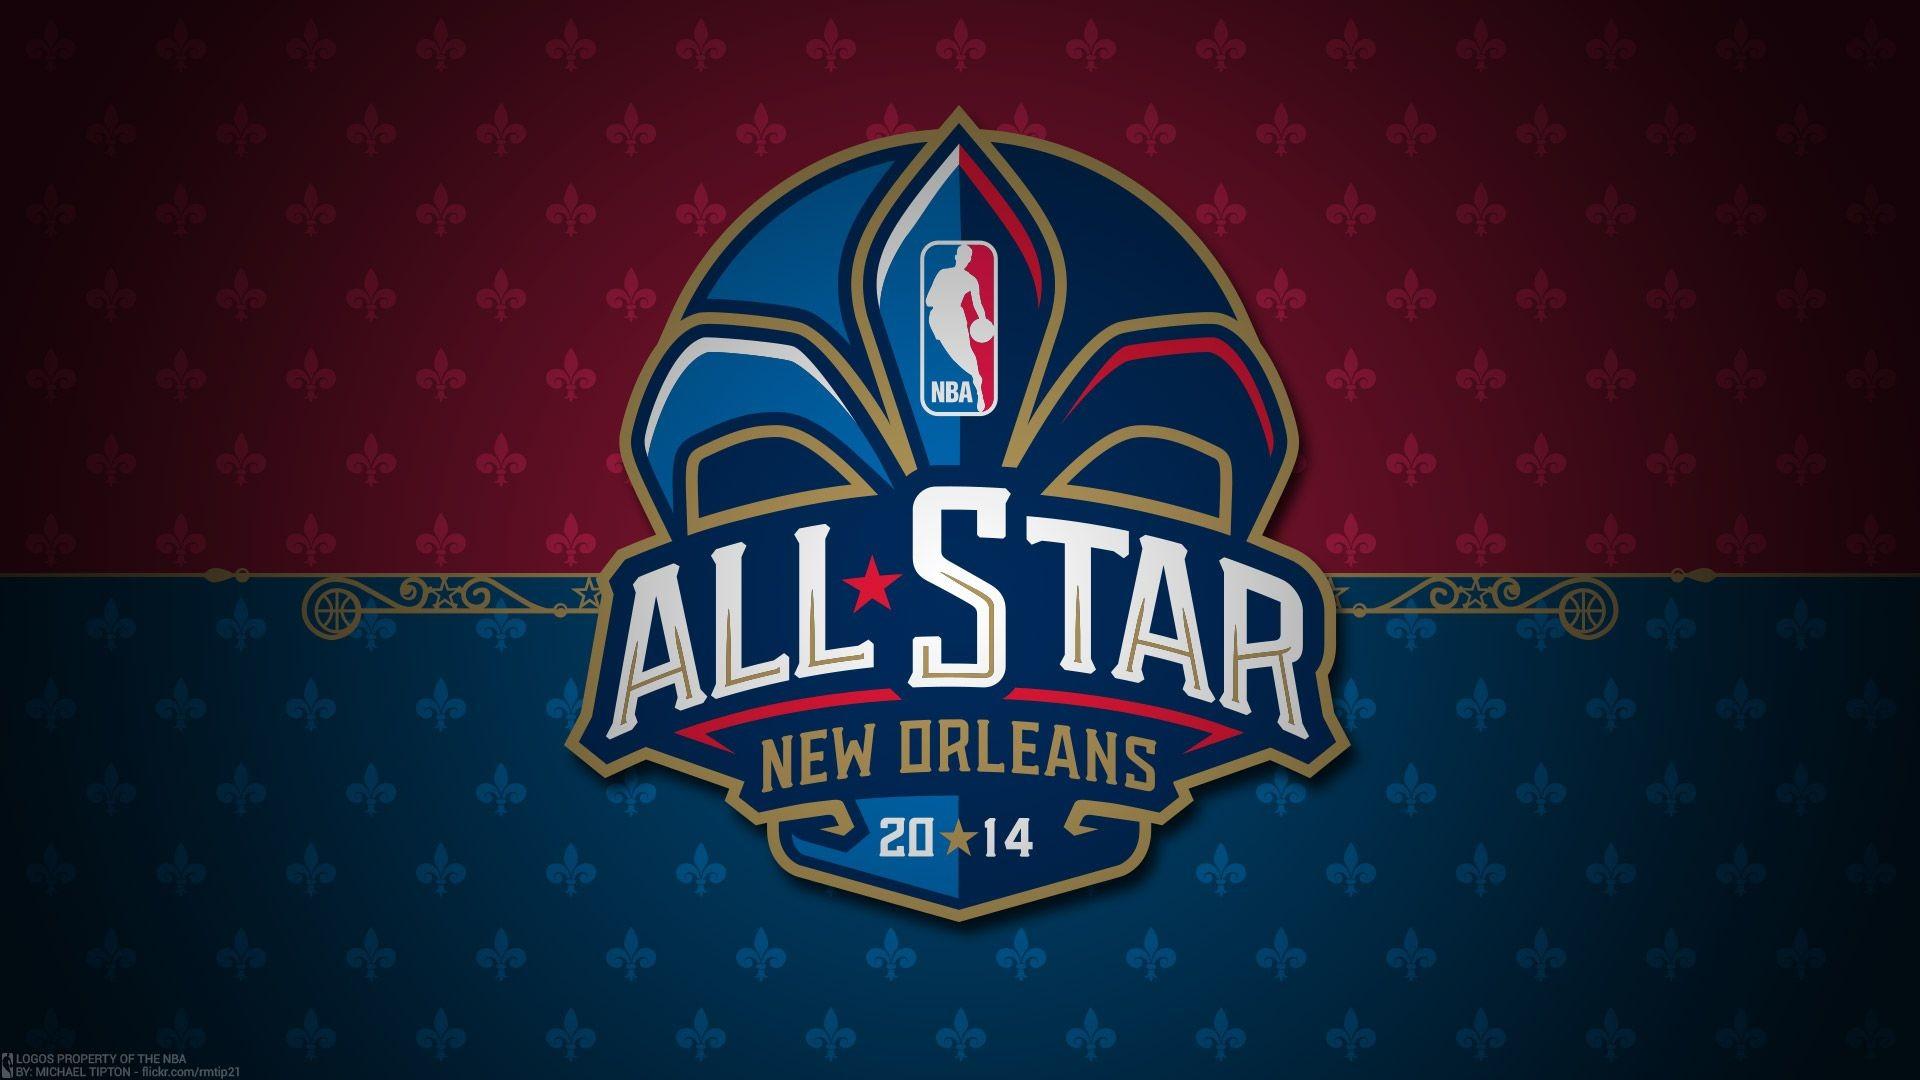 3840x2160 Preview Wallpaper Lebron James Dwyane Wade Basketball Nba Heat Spalding